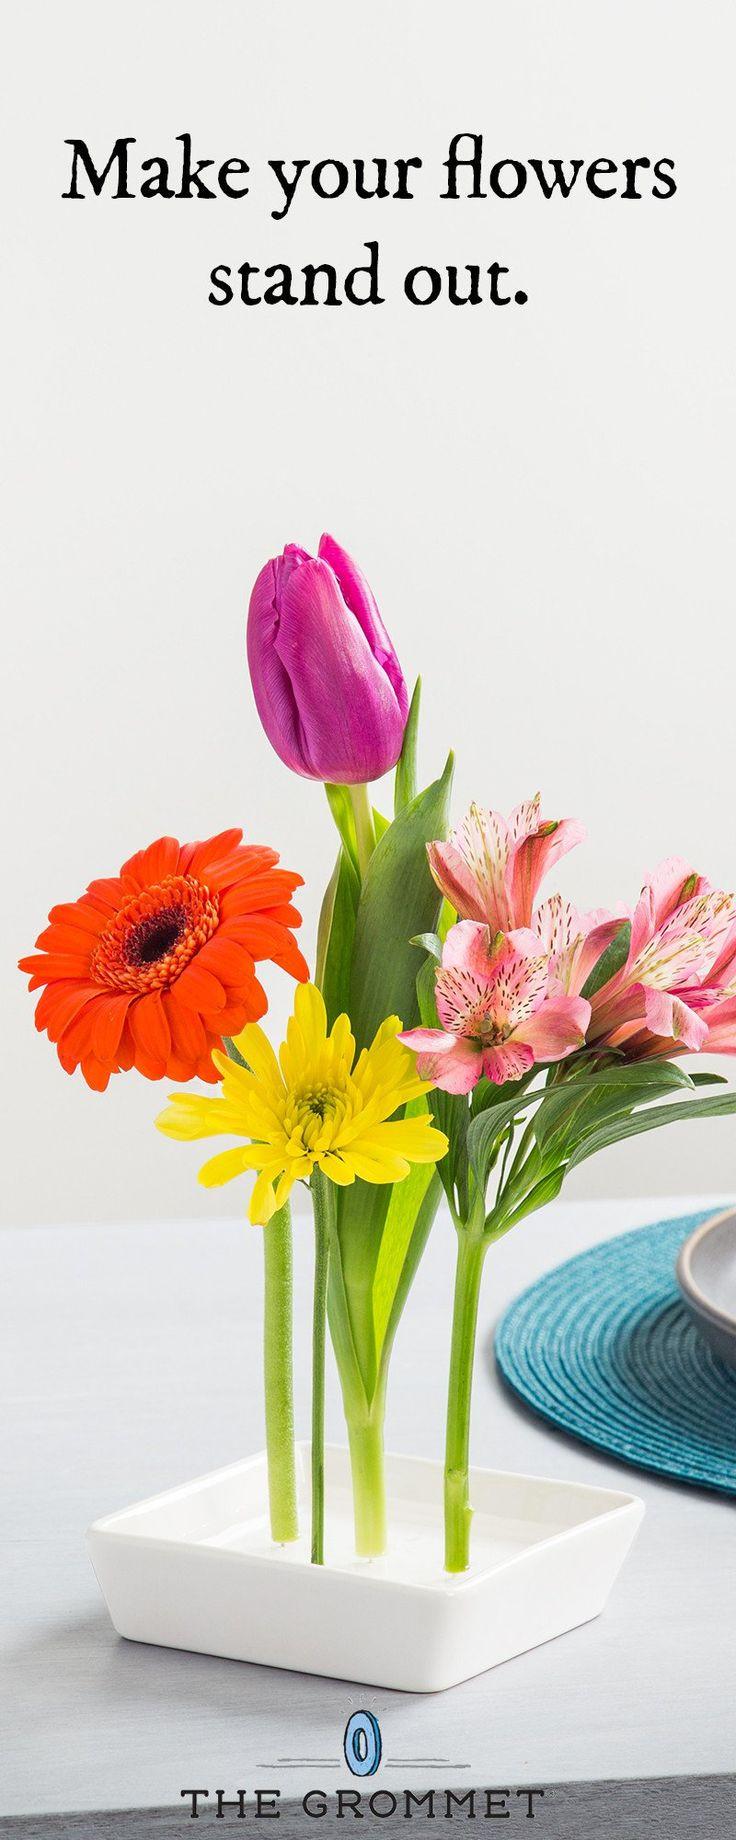 lsa international vases poland of 66 best decor flowers images on pinterest floral arrangements regarding florida vase floating flower pin vase